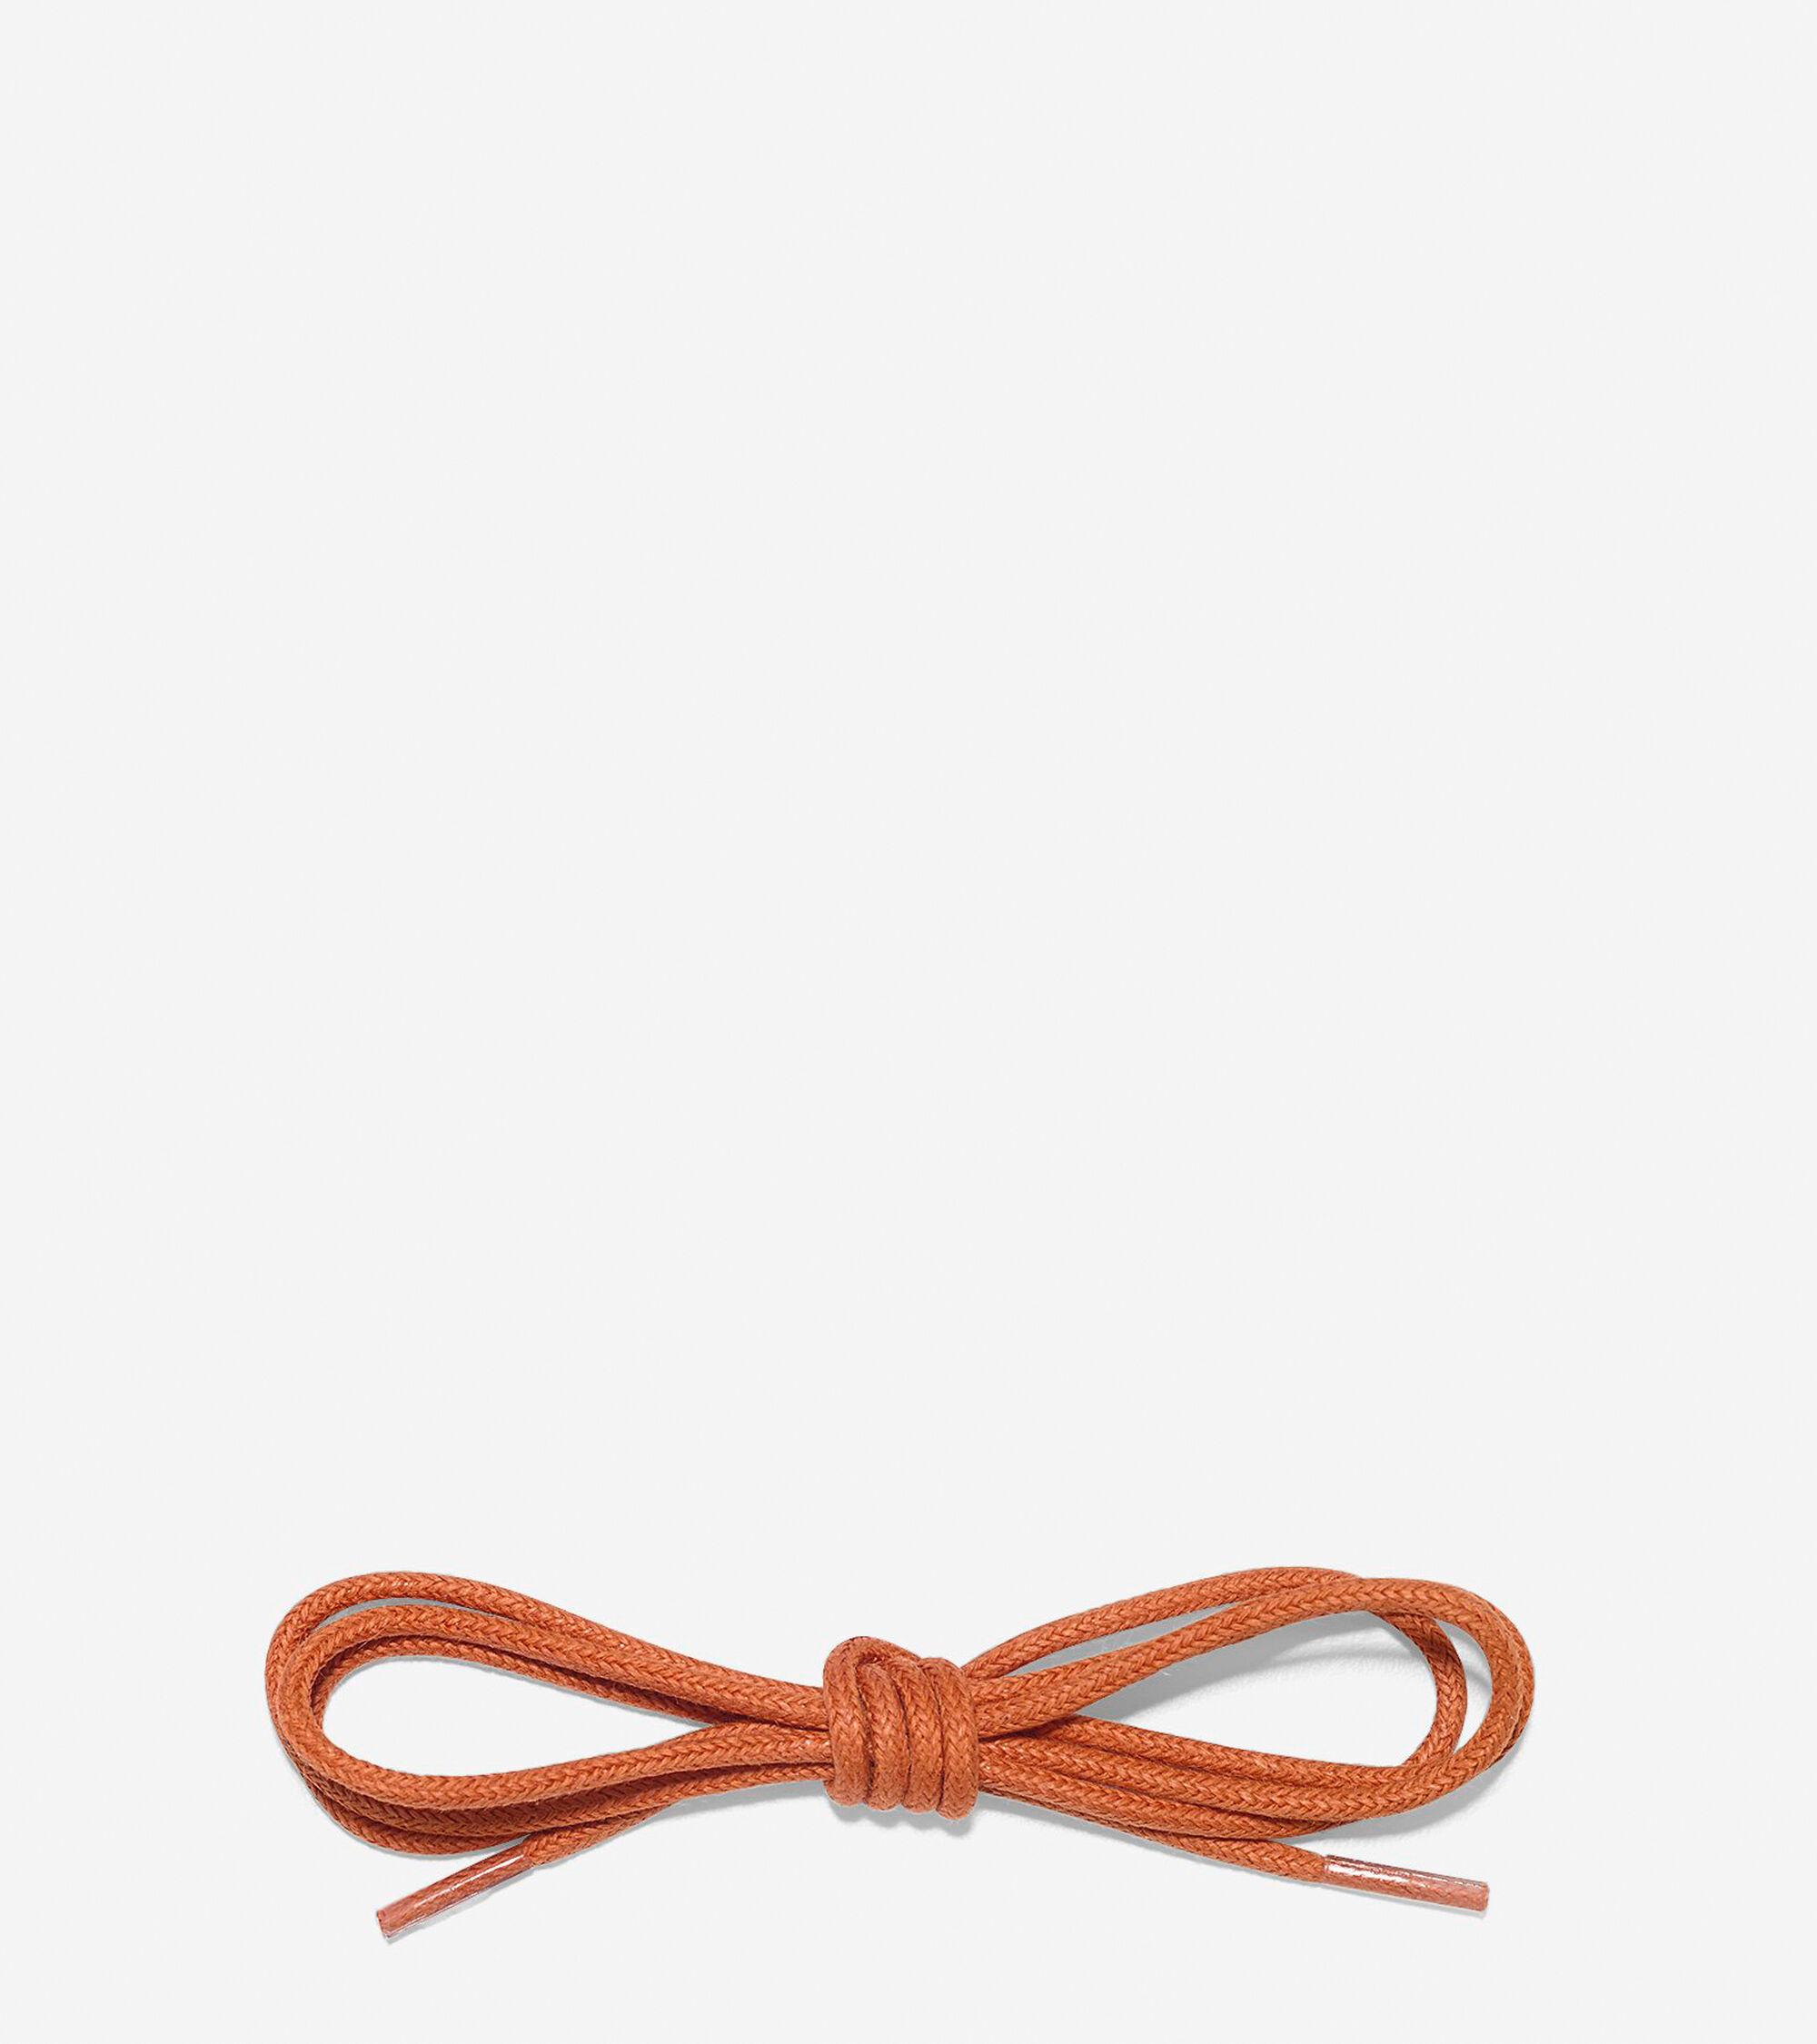 Accessories > Men's Dress Shoe Lace